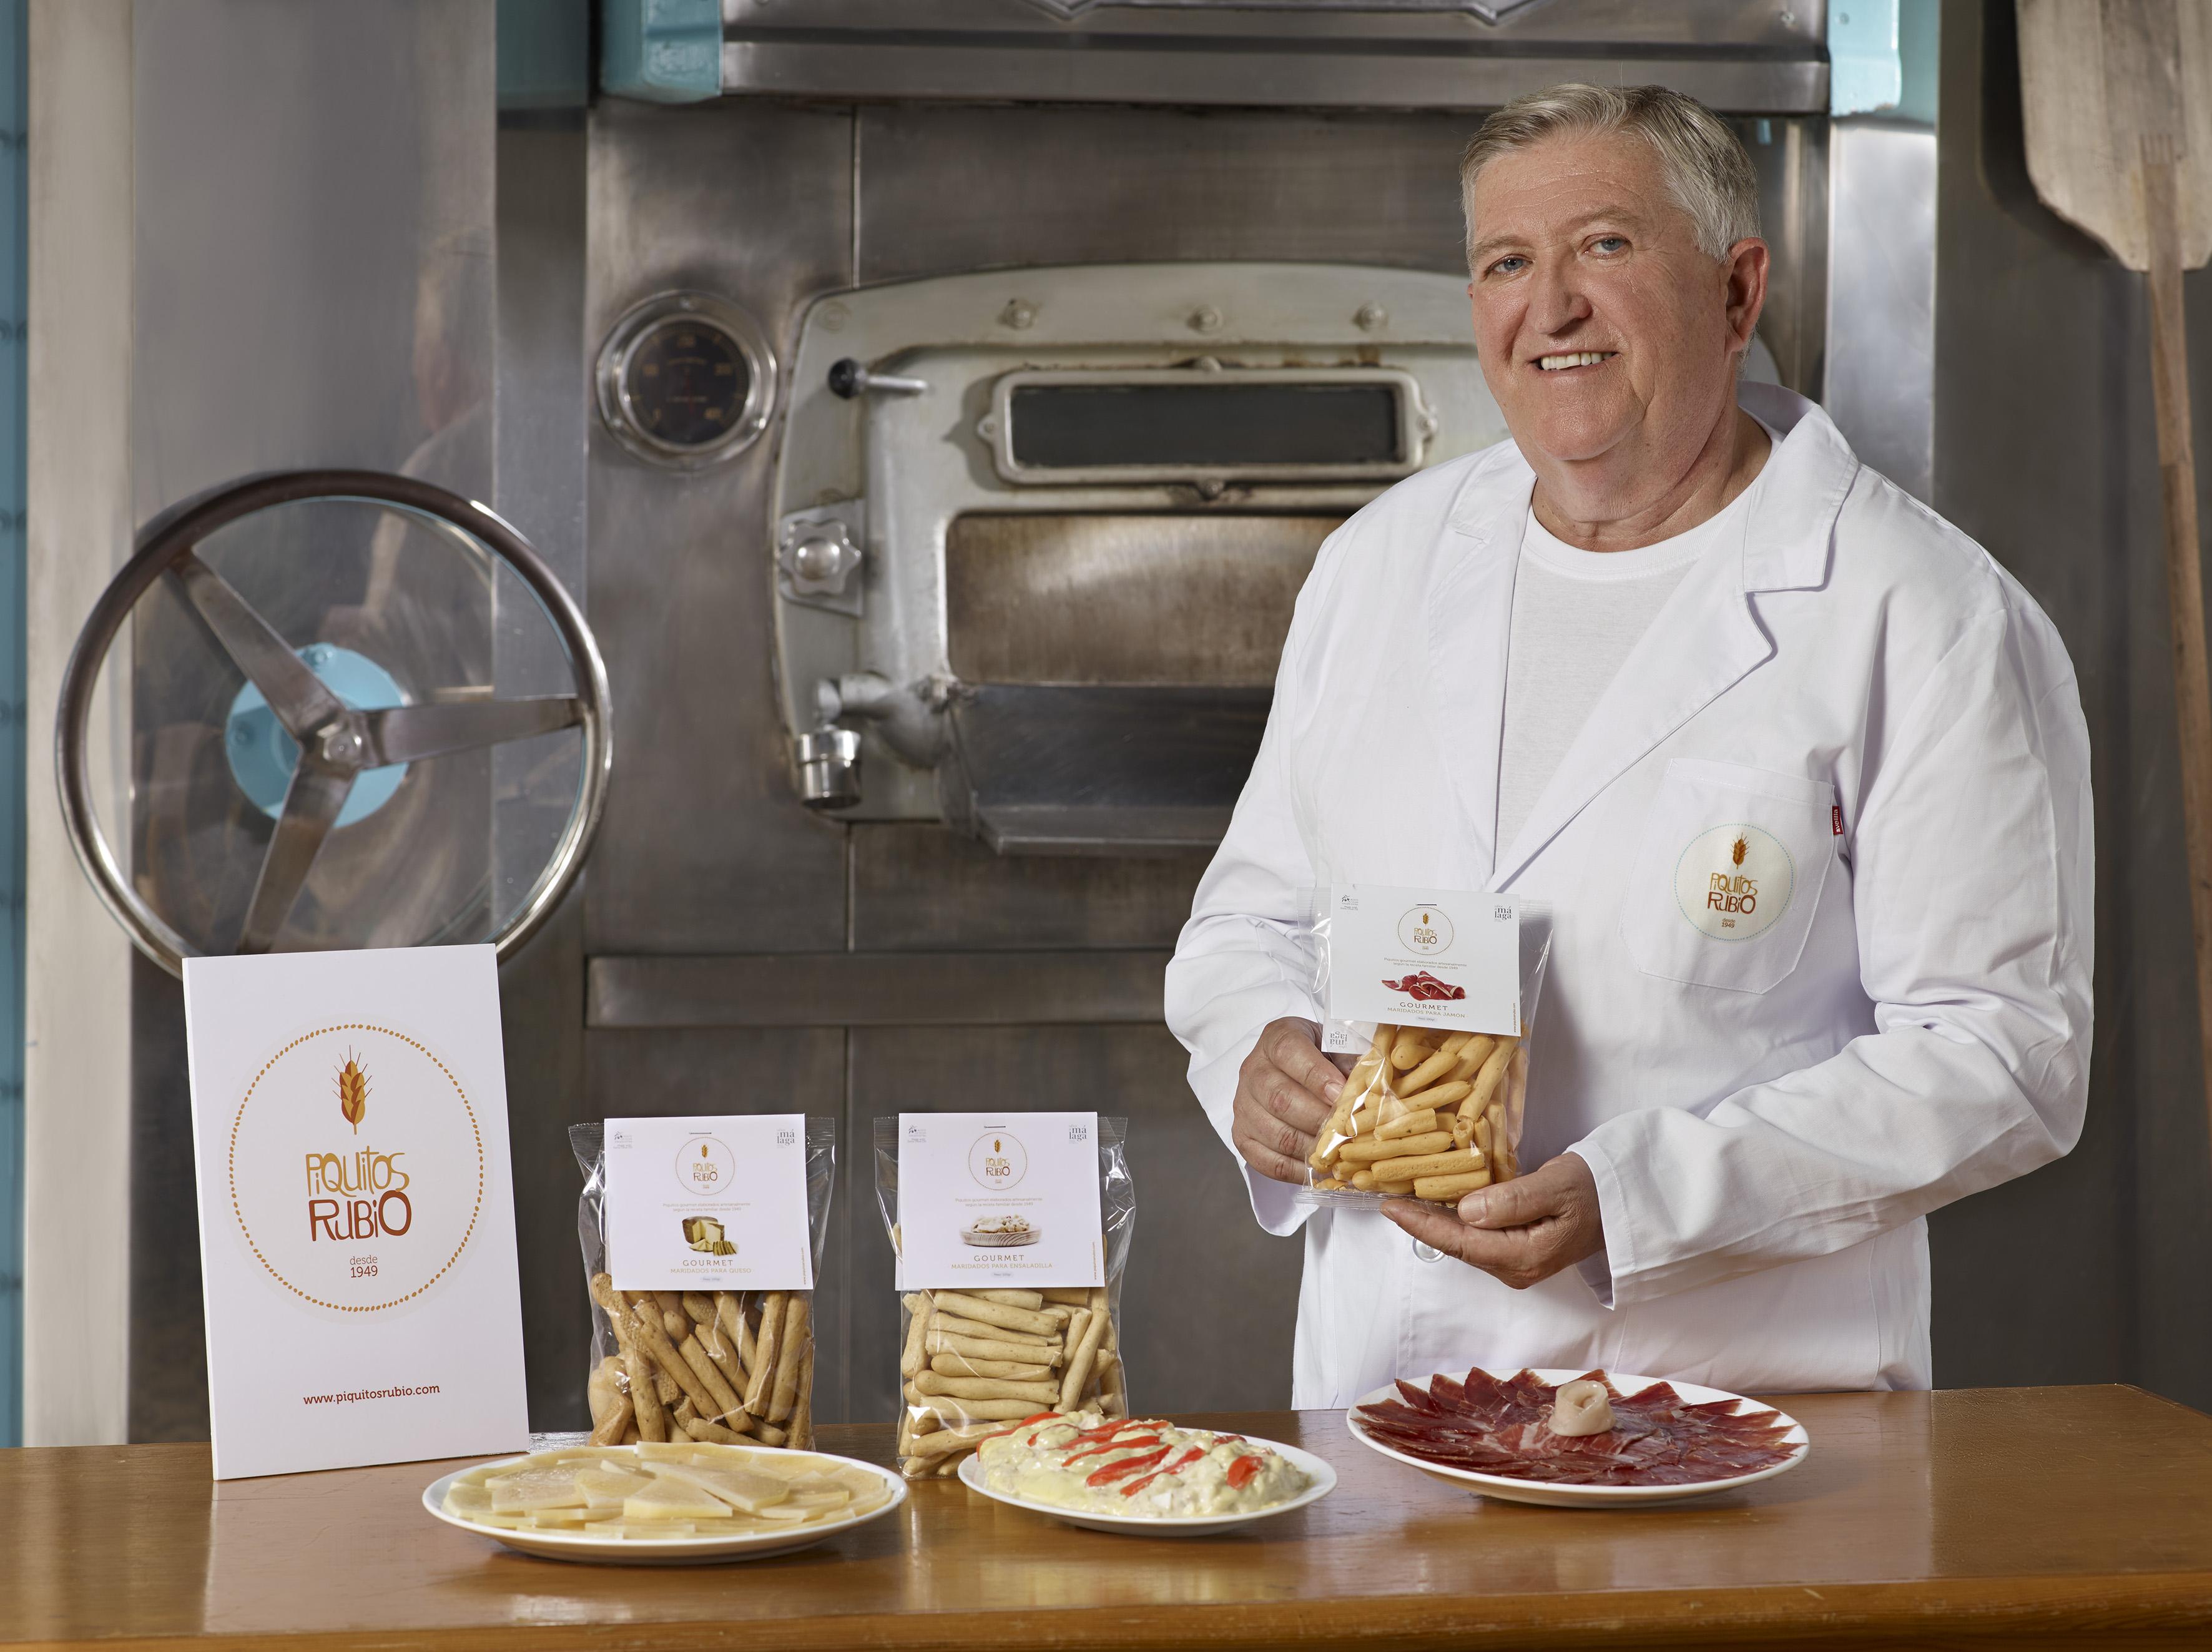 Piquitos Rubio lanza al mercado los primeros picos de pan maridados para tapas típicas nacionales